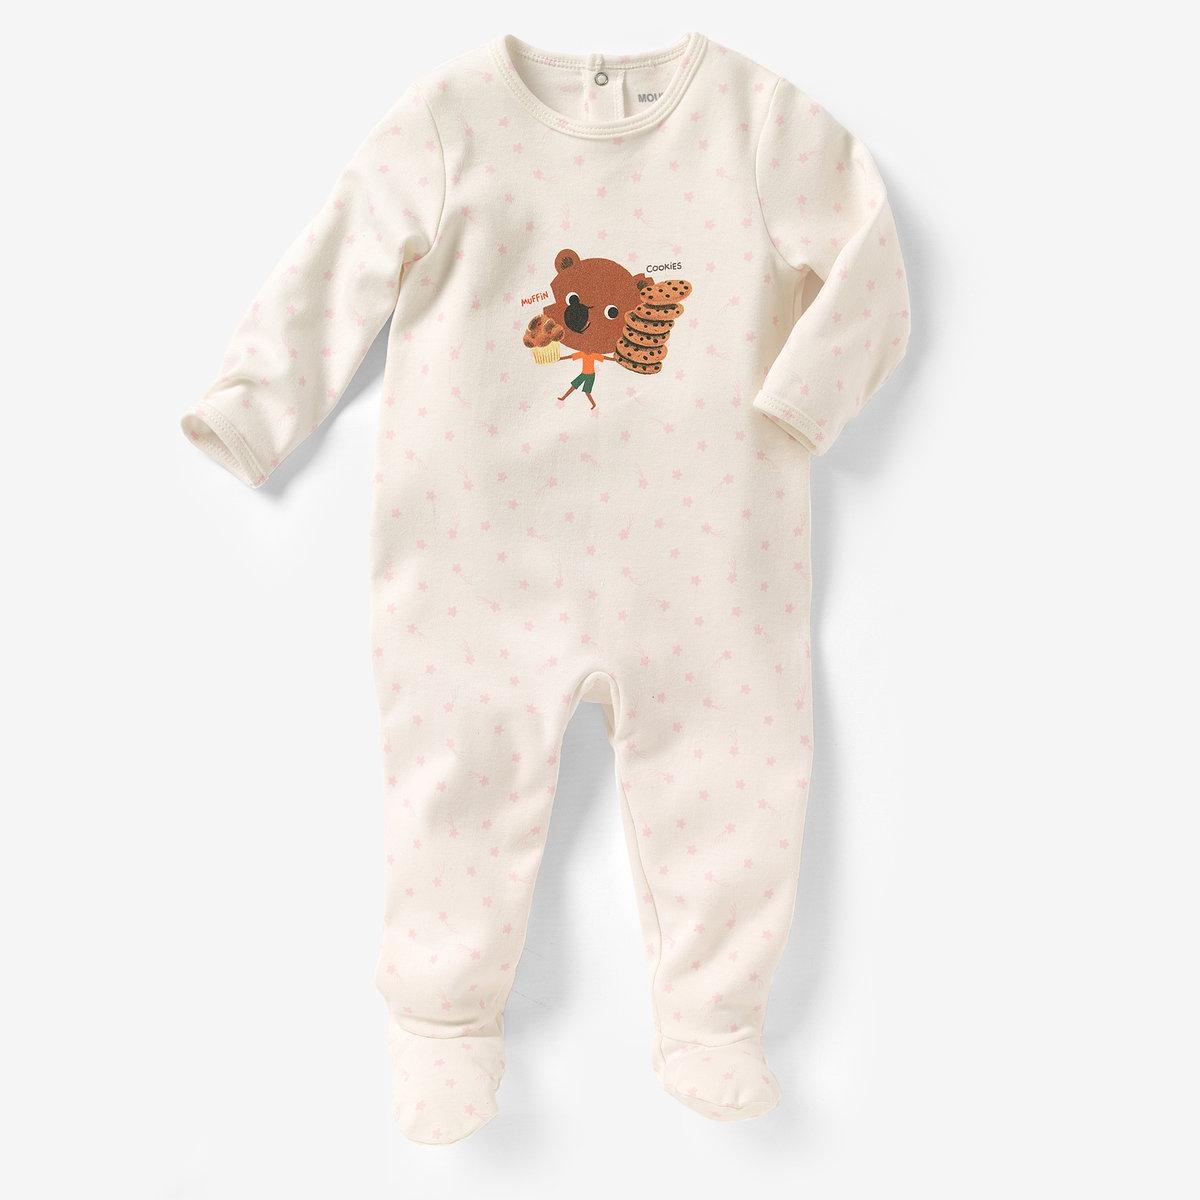 Пижама из хлопка интерлок MOUK, 0 месяцев - 3 годаПижама с носочками MOUK из хлопка интерлок с принтом спереди, 100% хлопка. Клапан на кнопках и застежка на кнопки сзади для легкости надевания. Нескользящая подошва начиная с размера 74 см (12 месяцев), эластичные вставки сзади для лучшей поддержки.<br><br>Цвет: рисунок звезда<br>Размер: 0 мес. - 50 см